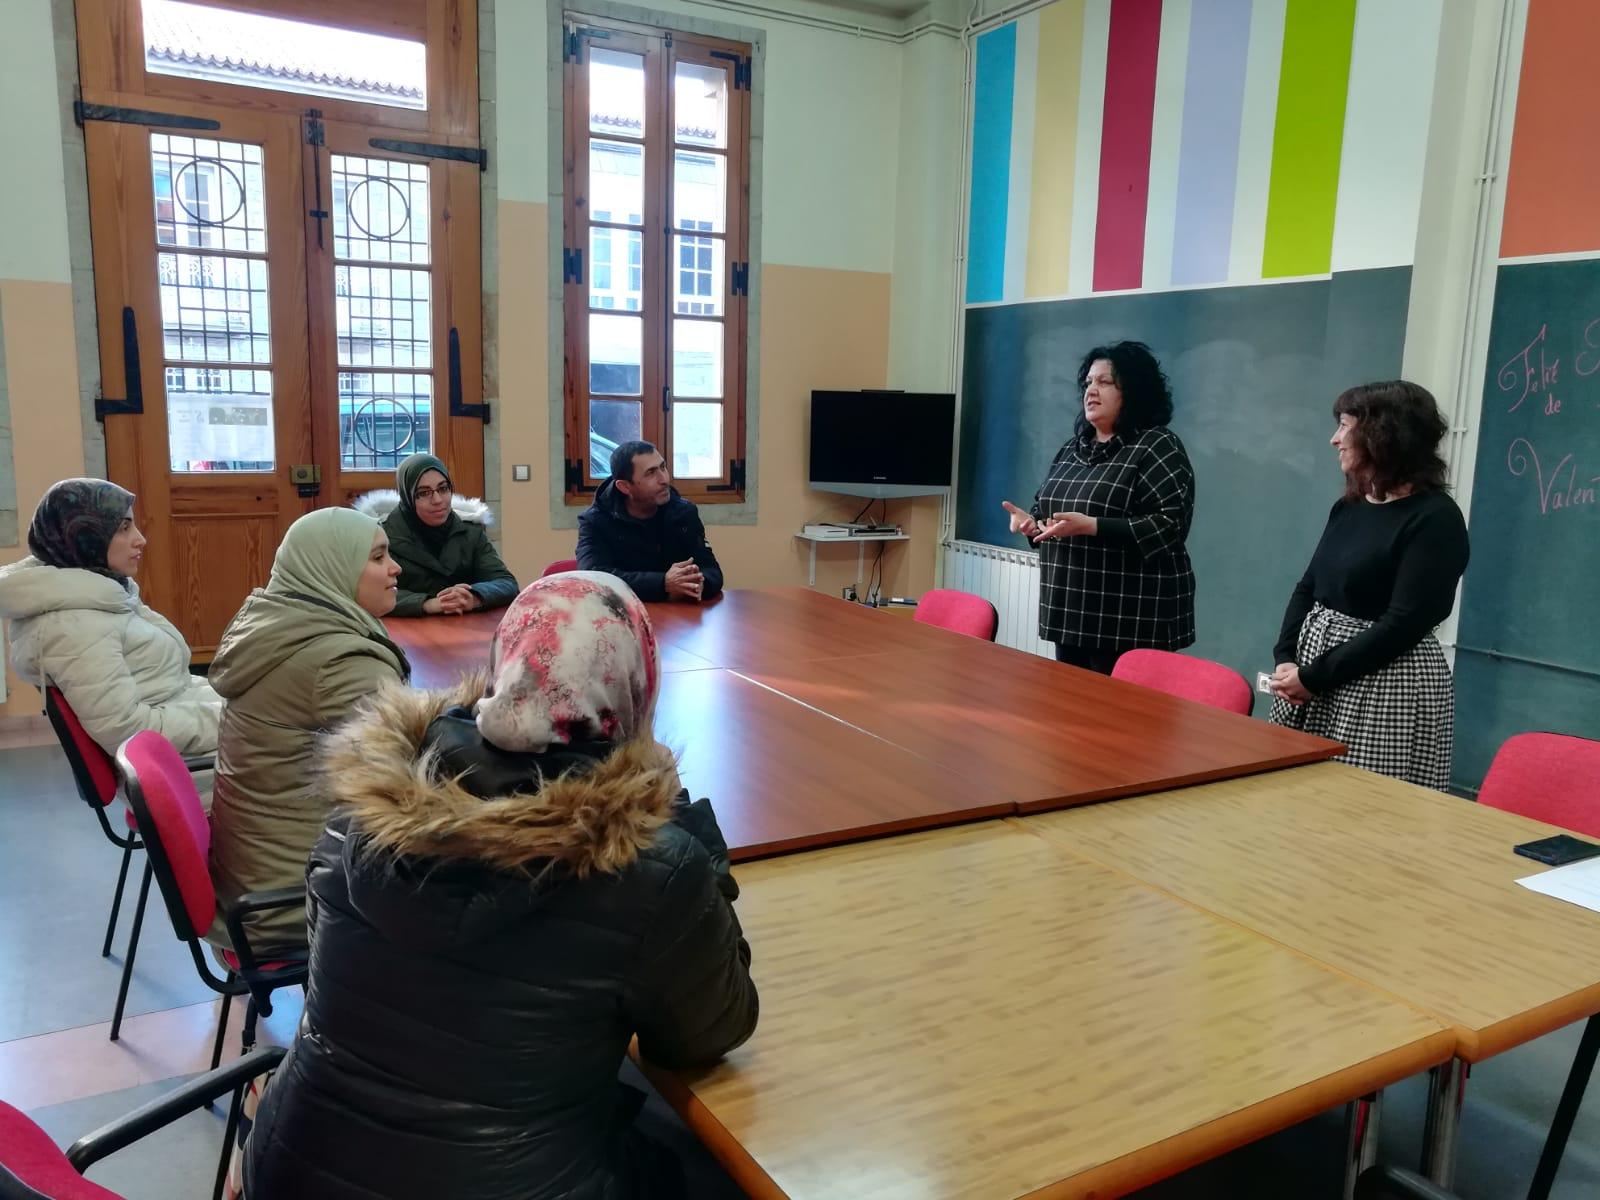 O Concello de Silleda pon en marcha o programa Anduriña, con clases de español para inmigrantes